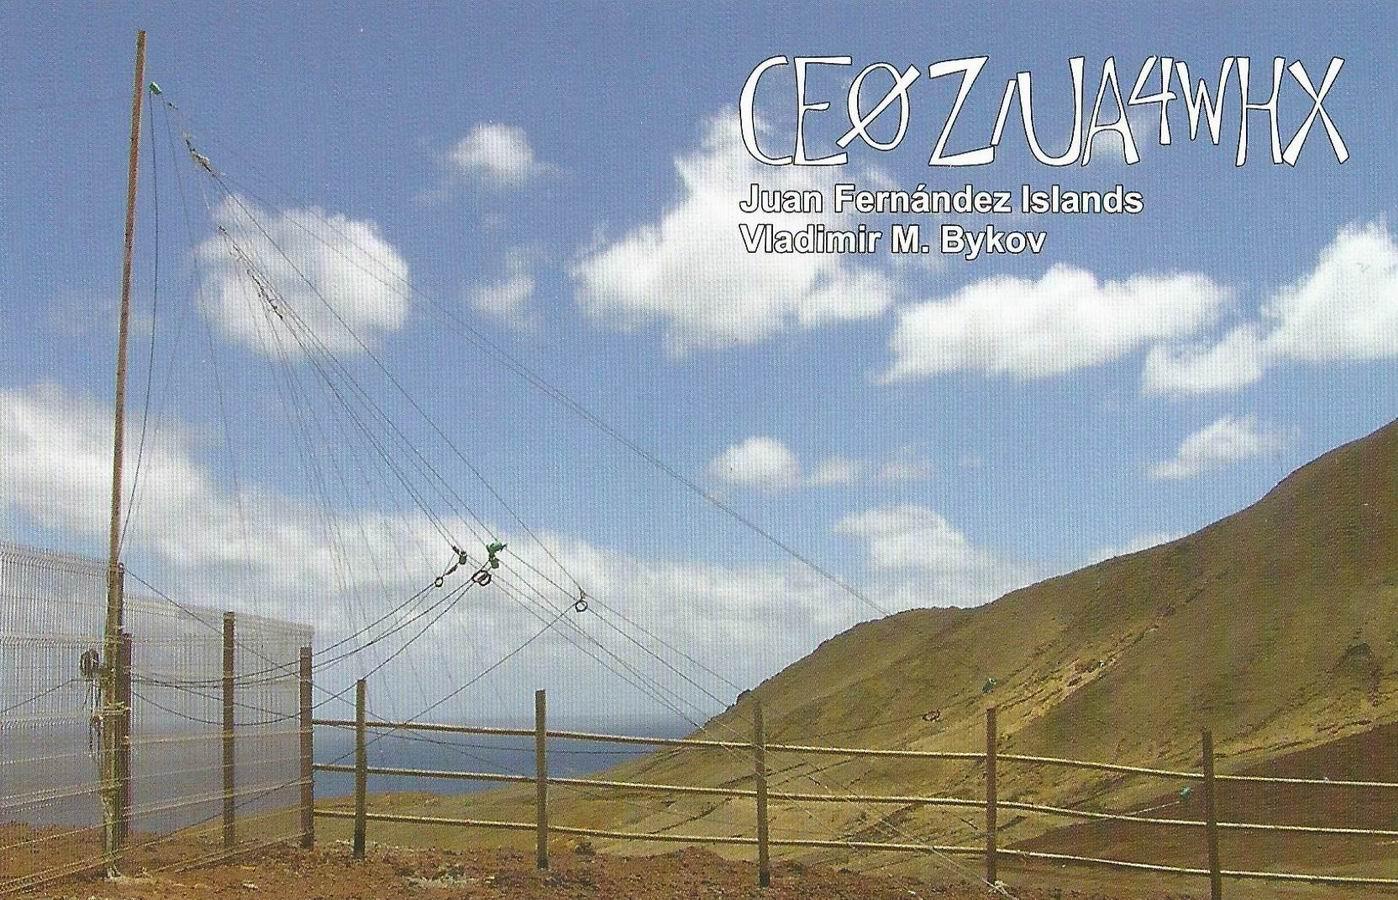 Нажмите на изображение для увеличения.  Название:CE0Z_UA4WHX  Juan Fernadez Isl.jpg Просмотров:7 Размер:279.8 Кб ID:203904